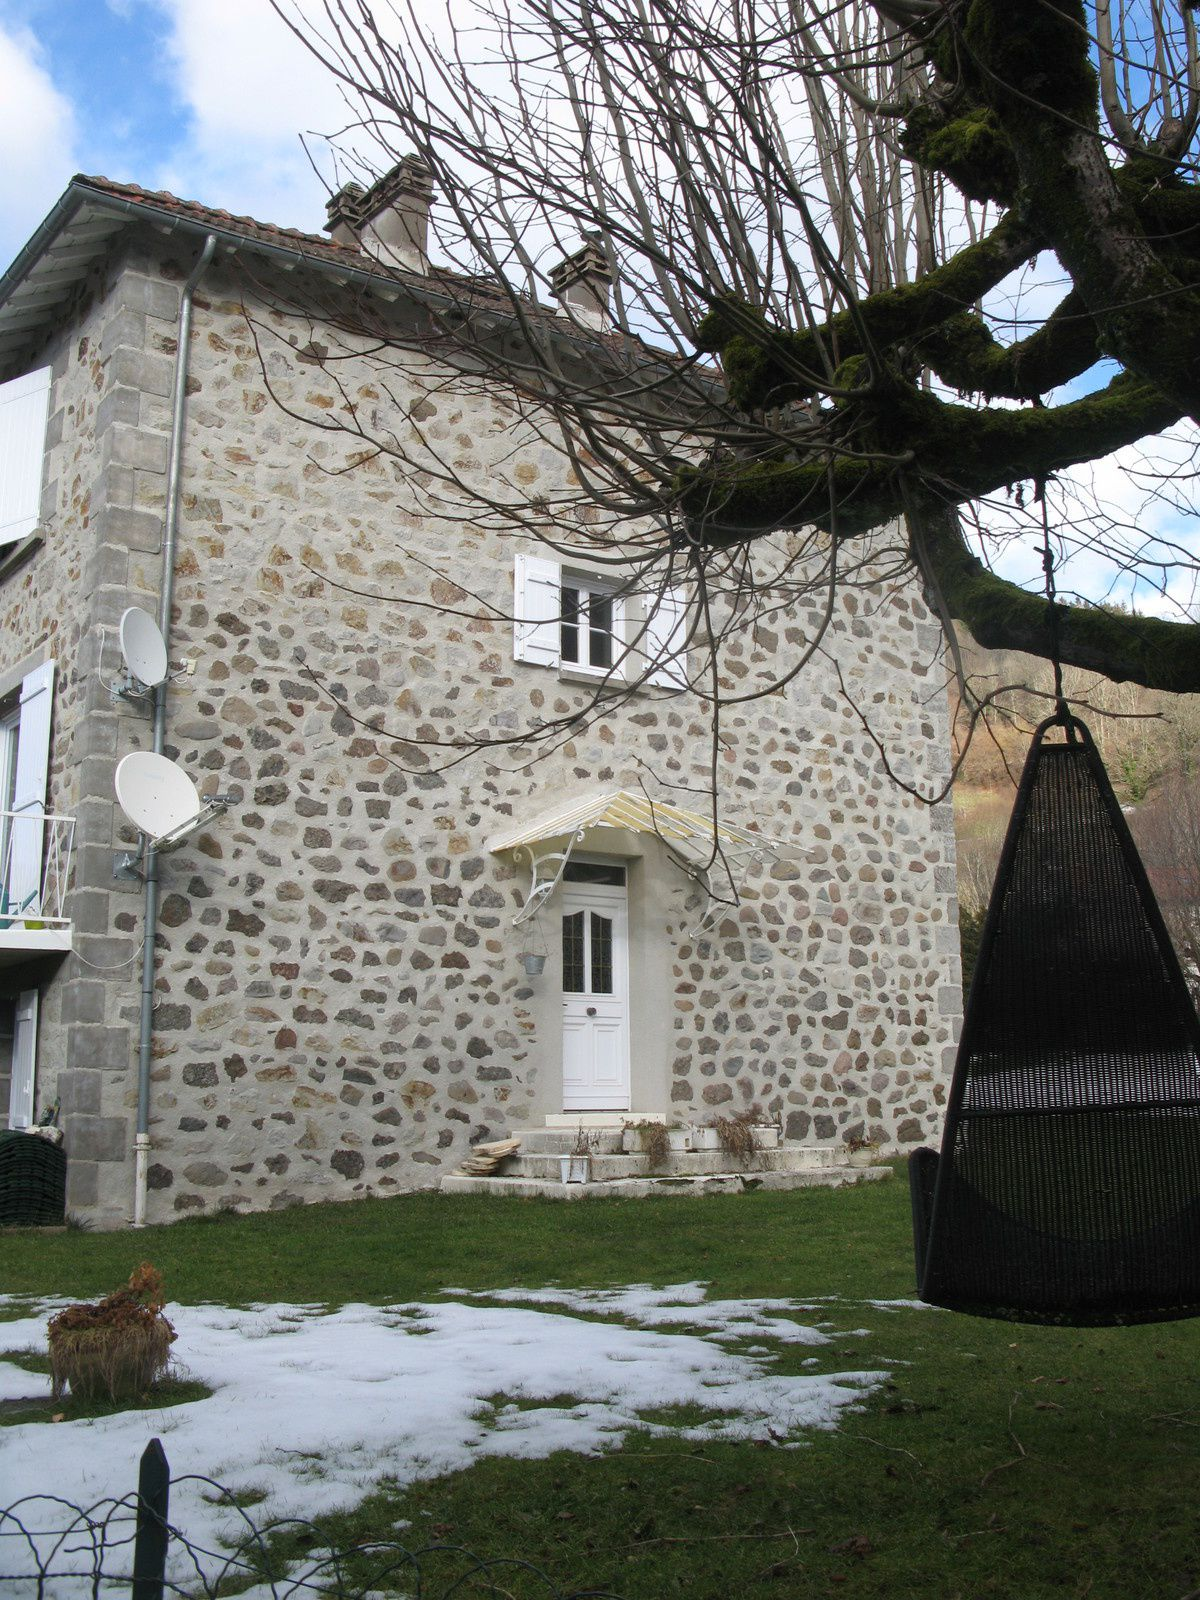 Maisons de village auvergnates-france-charlotteblabla blog*